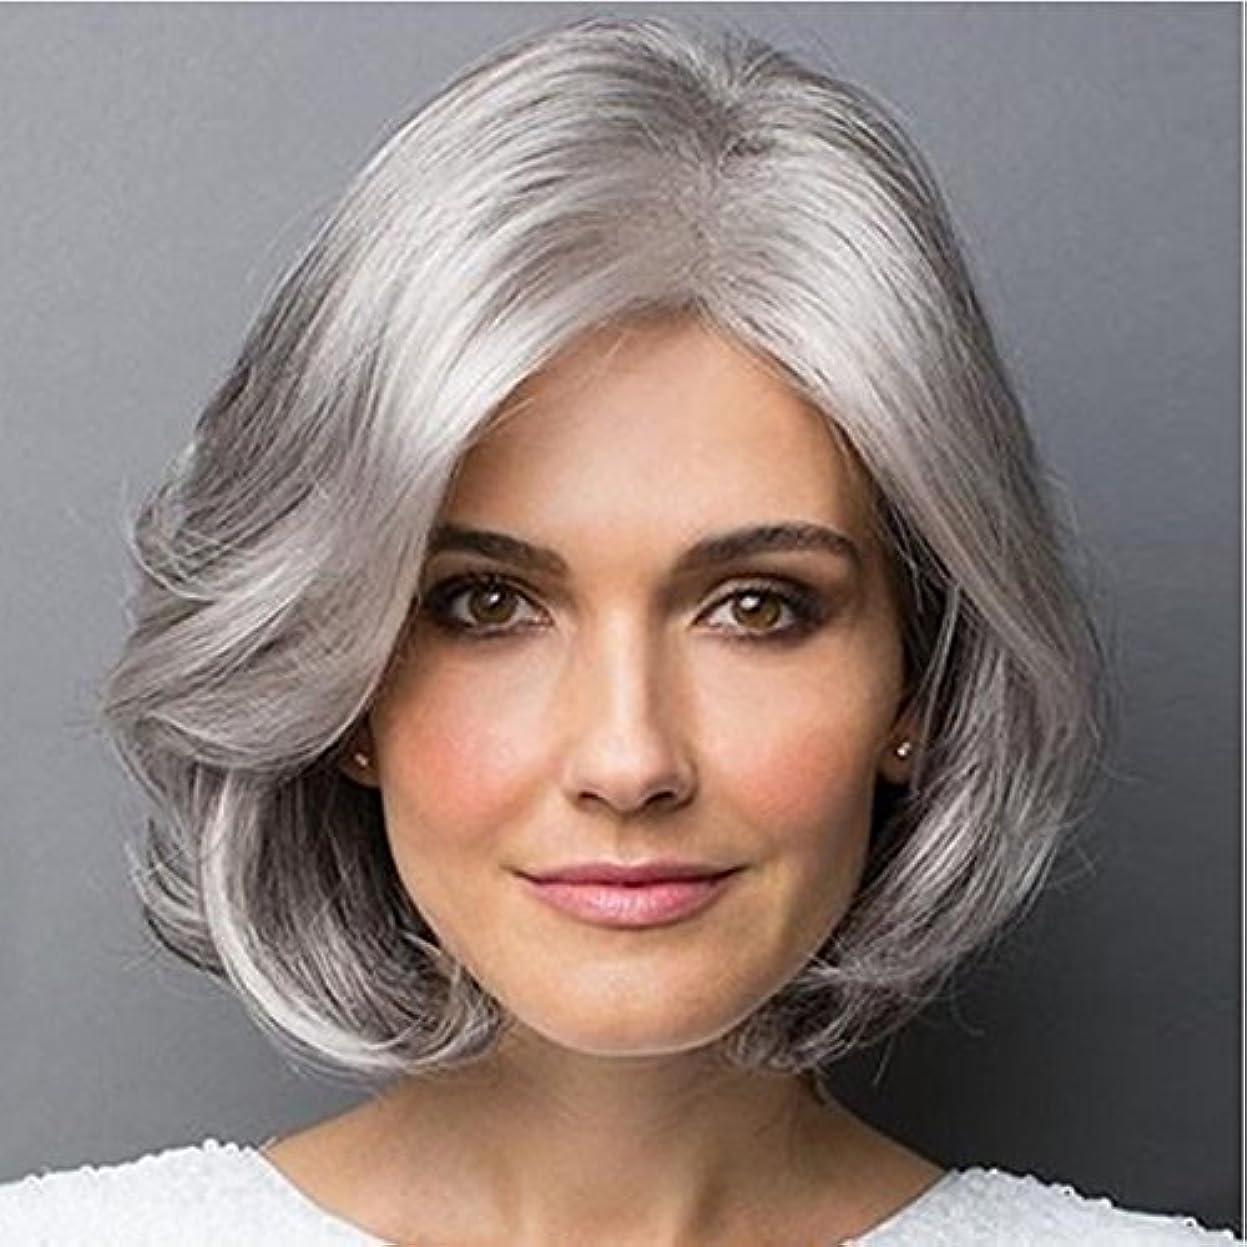 花火寛容などこでもYOUQIU 斜め前髪マイクロボリュームかつら耐熱ファイバー20センチメートル/ 30センチメートル(シルバーグレー、グラデーションシルバーグレー)かつらと女性のショートヘアのための合成カーリーヘアウィッグ (色 : Silver...